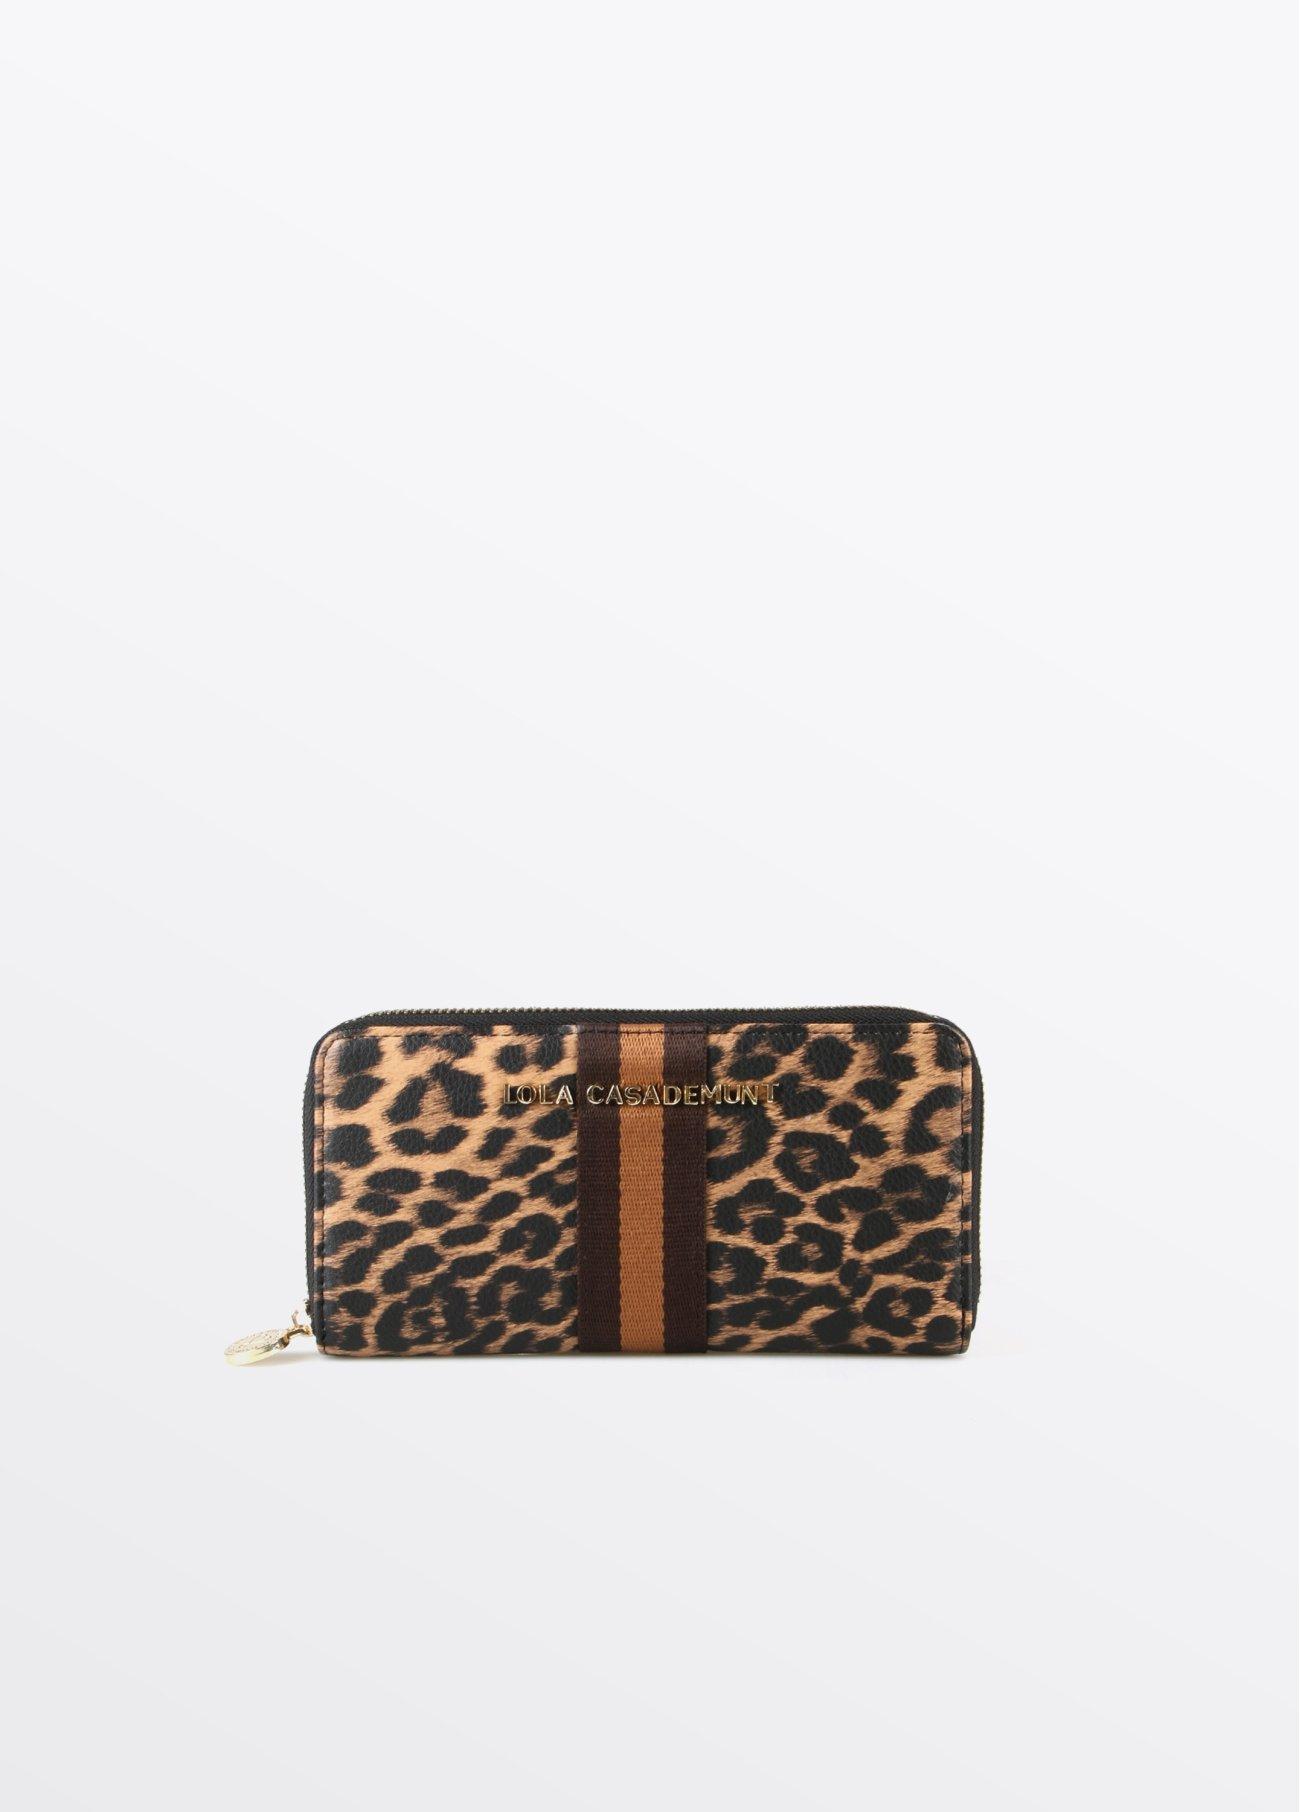 Monedero leopardo, estampado